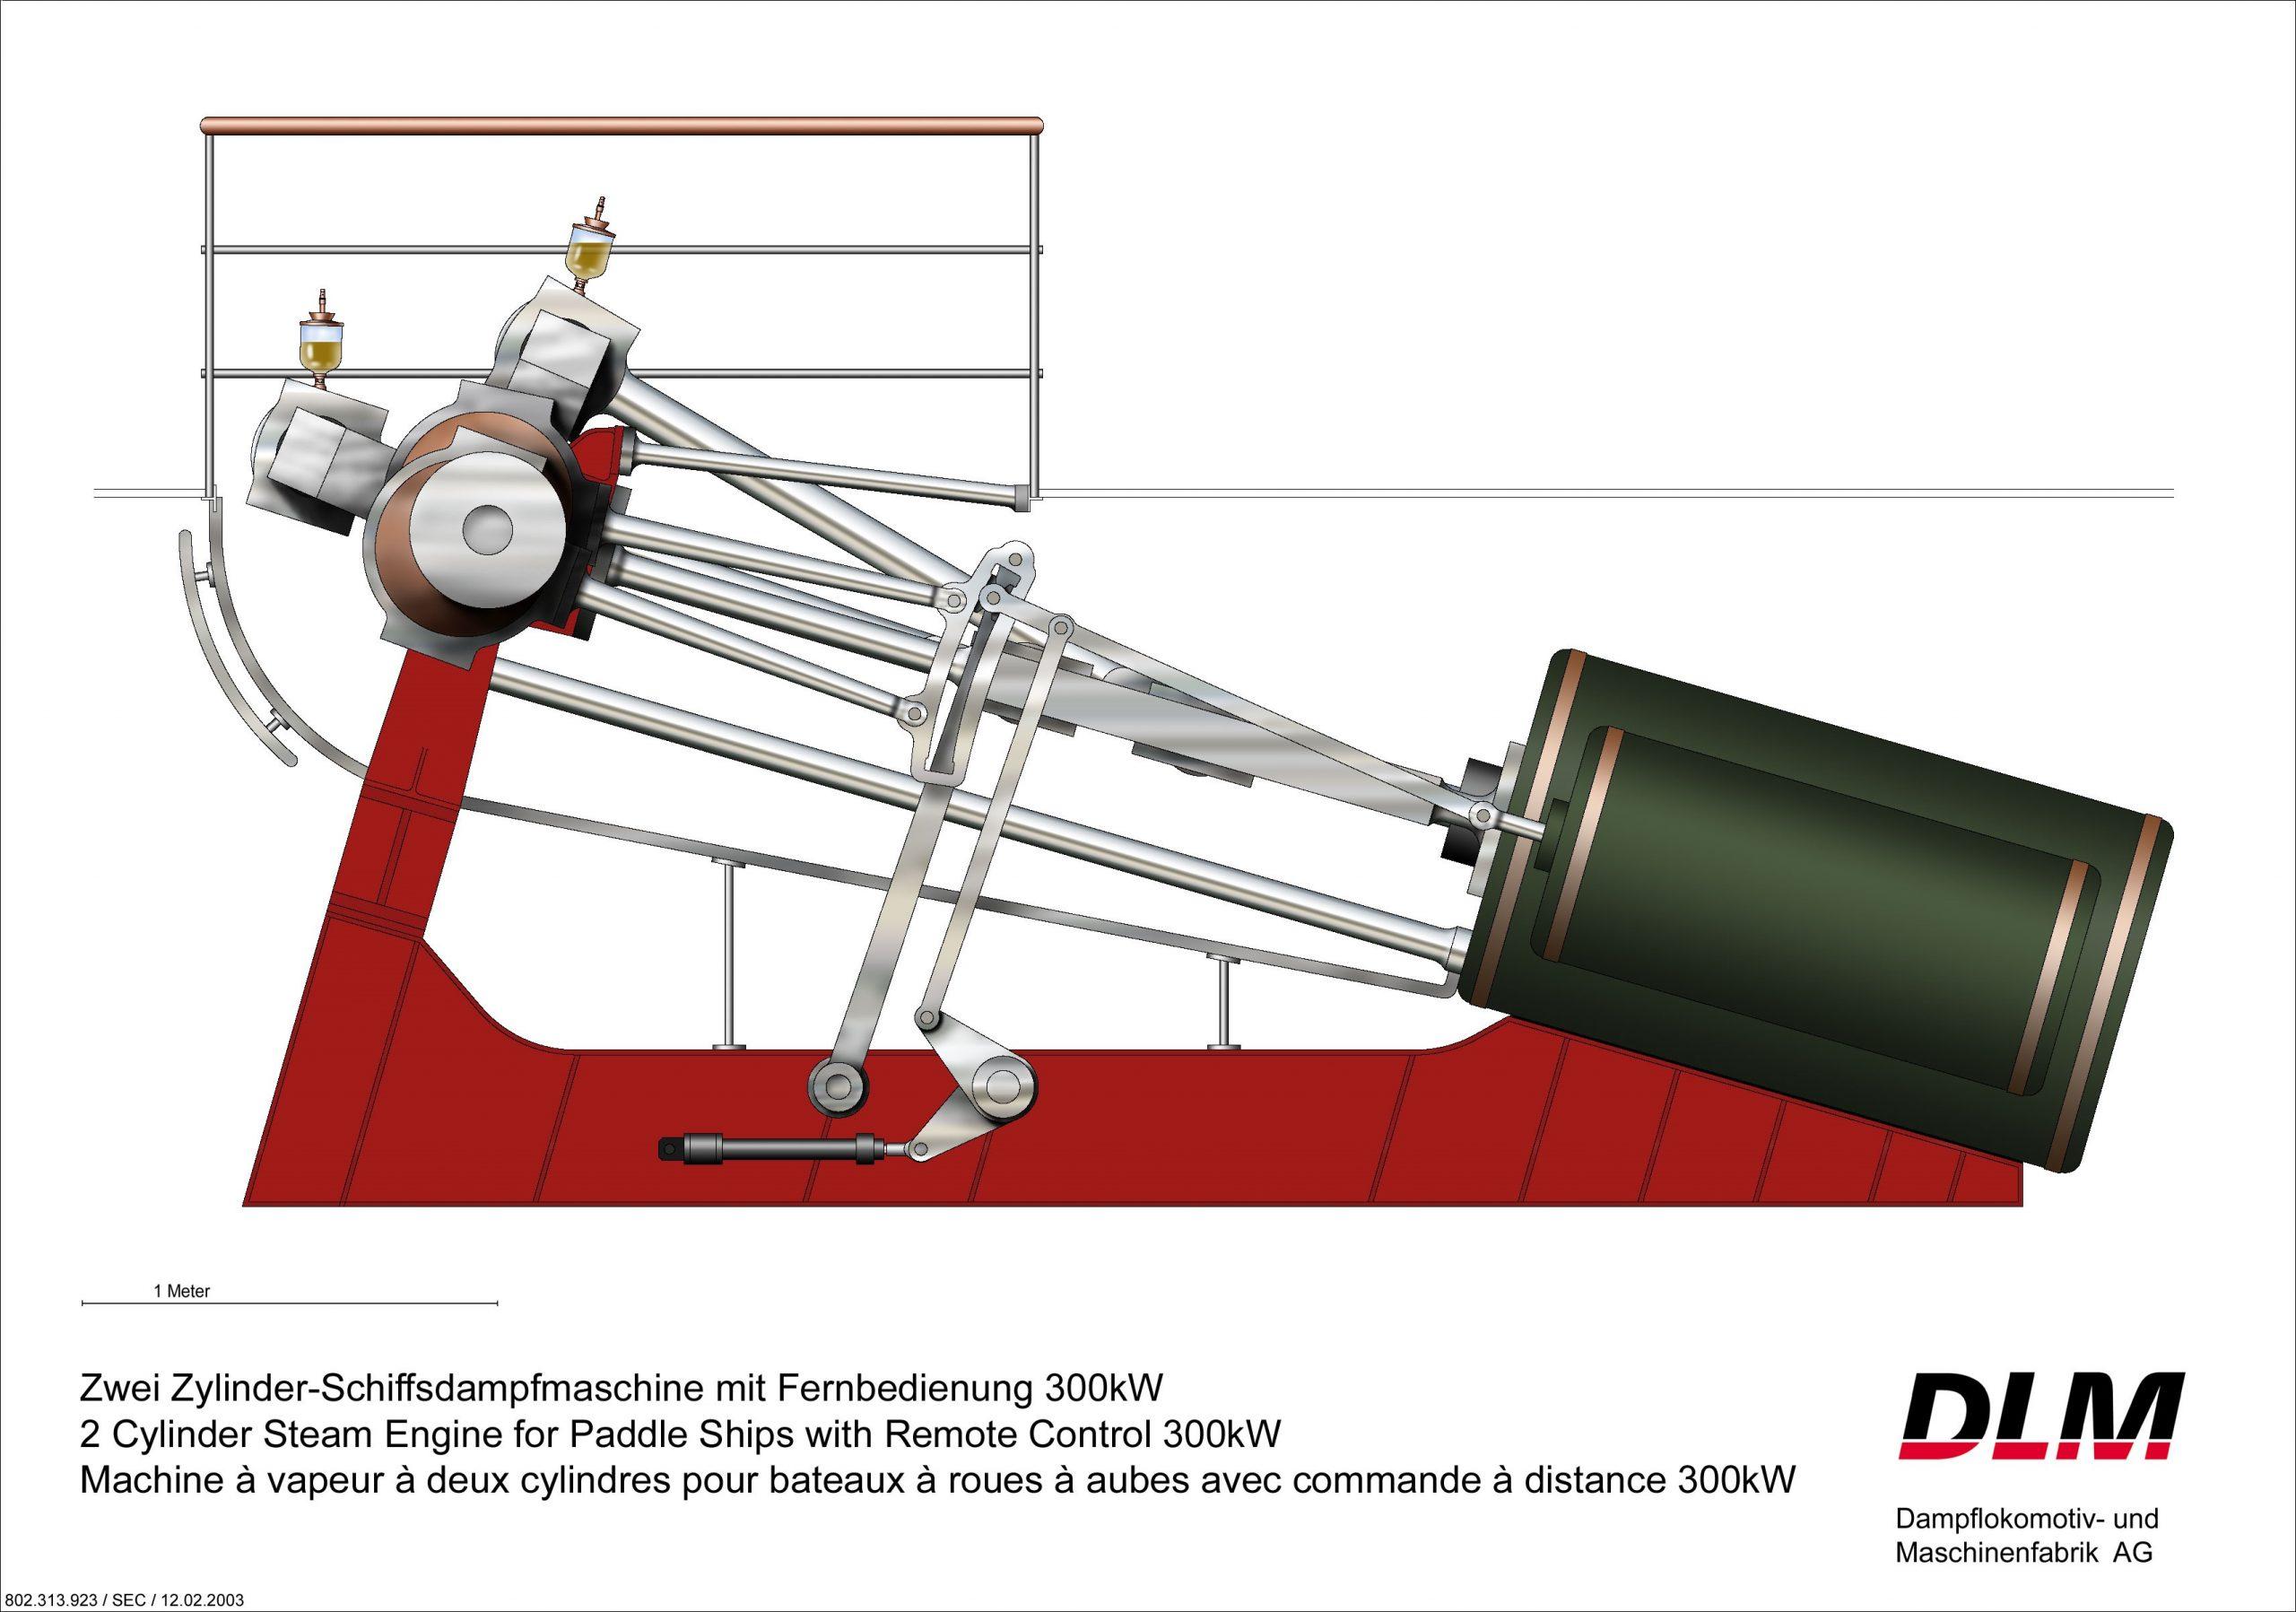 Zwei-Zylinder-Schiffsdampfmaschine